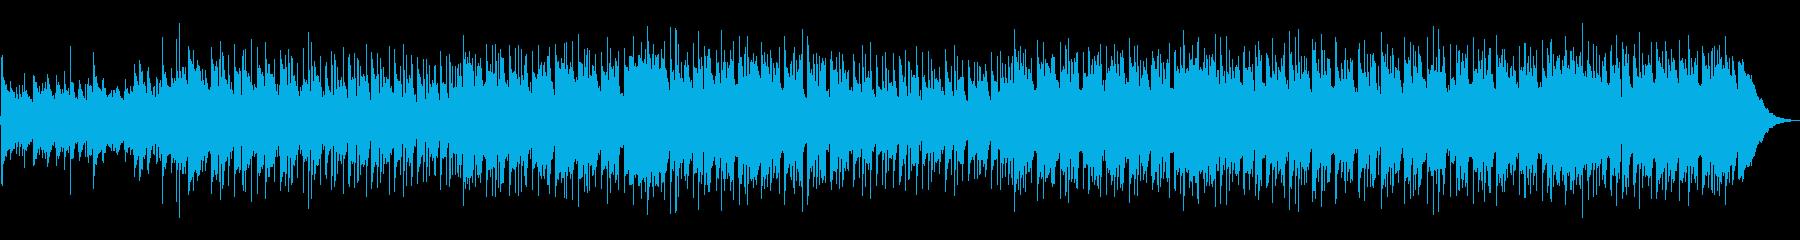 70年代のアメリカっぽいフォークロックの再生済みの波形